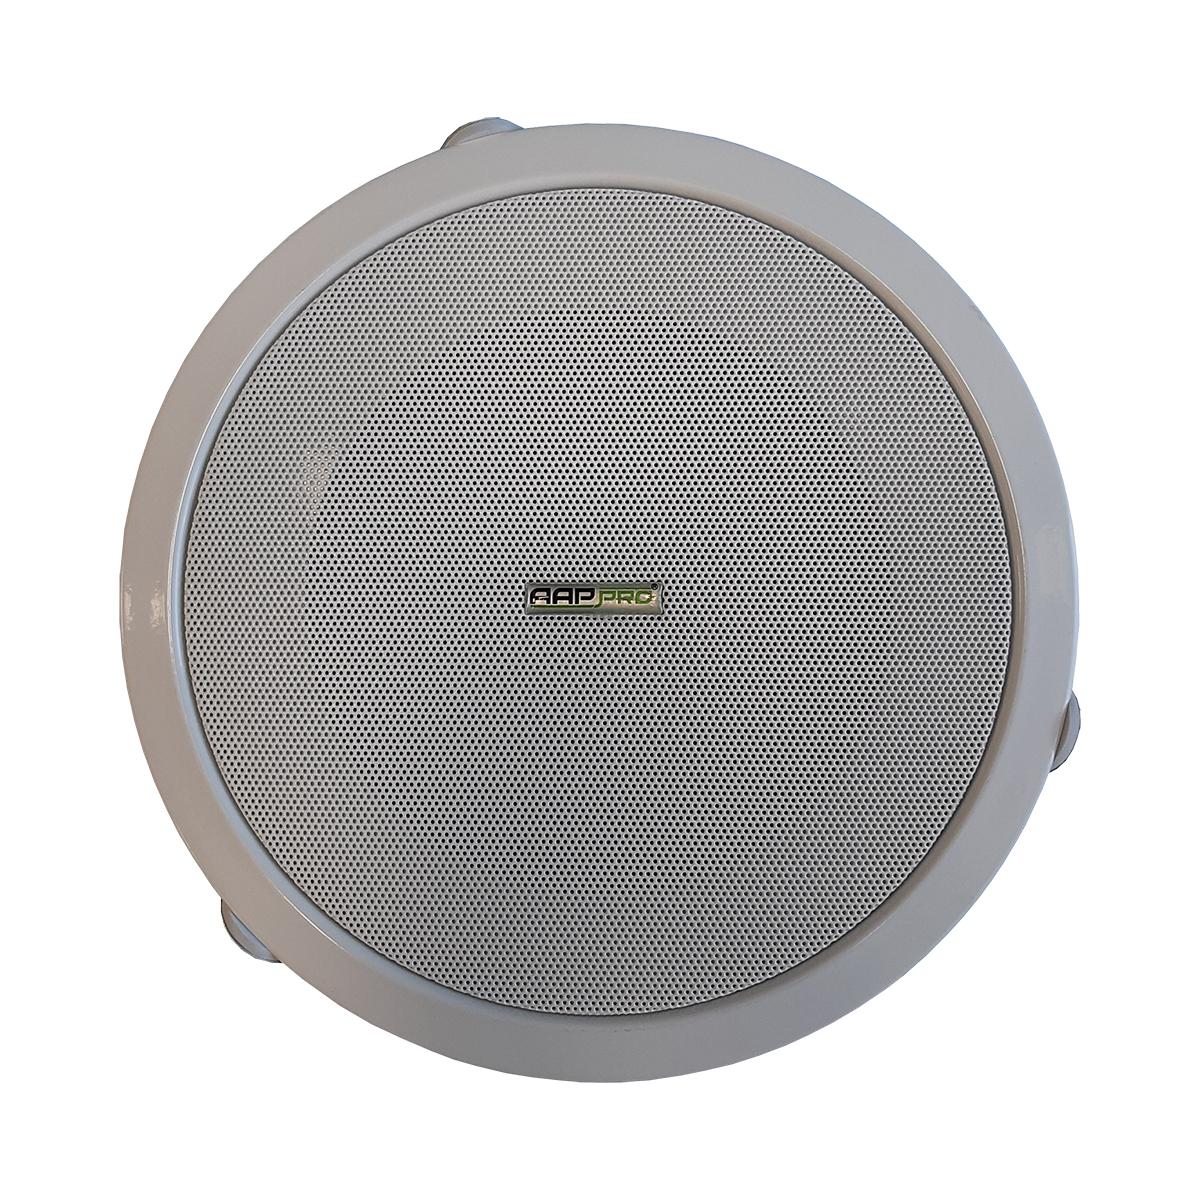 بررسی و {خرید با تخفیف}                                     اسپیکر سقفی اپ پرو مدل PA-3G-506H                             اصل